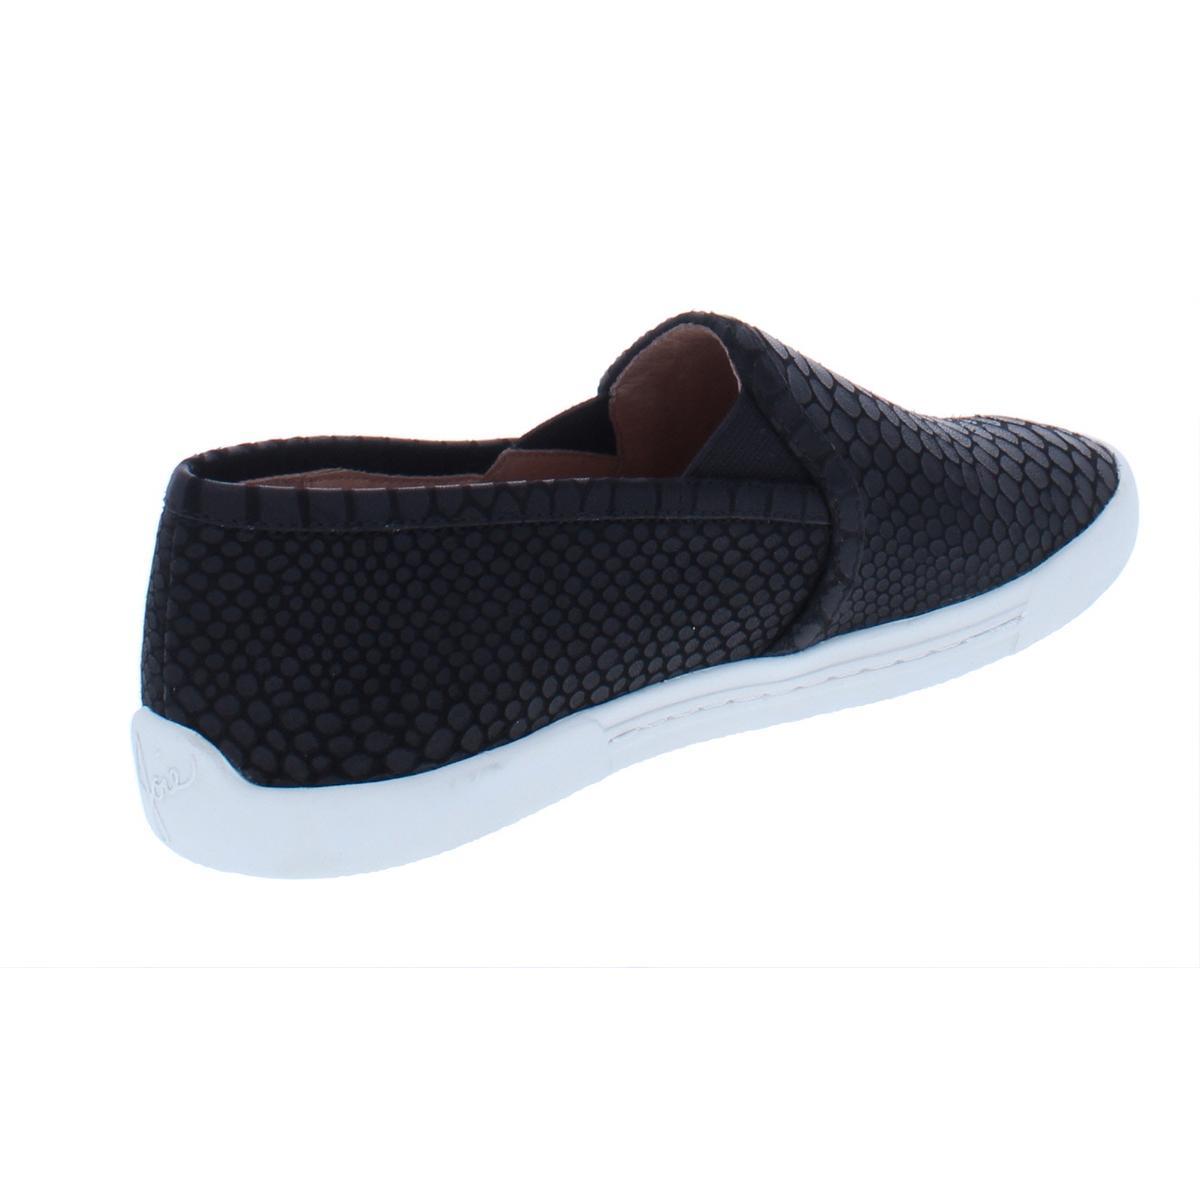 Joie-Femme-kidmore-Cuir-Mocassin-Enfiler-Loisirs-Chaussures-Flats-BHFO-7879 miniature 4